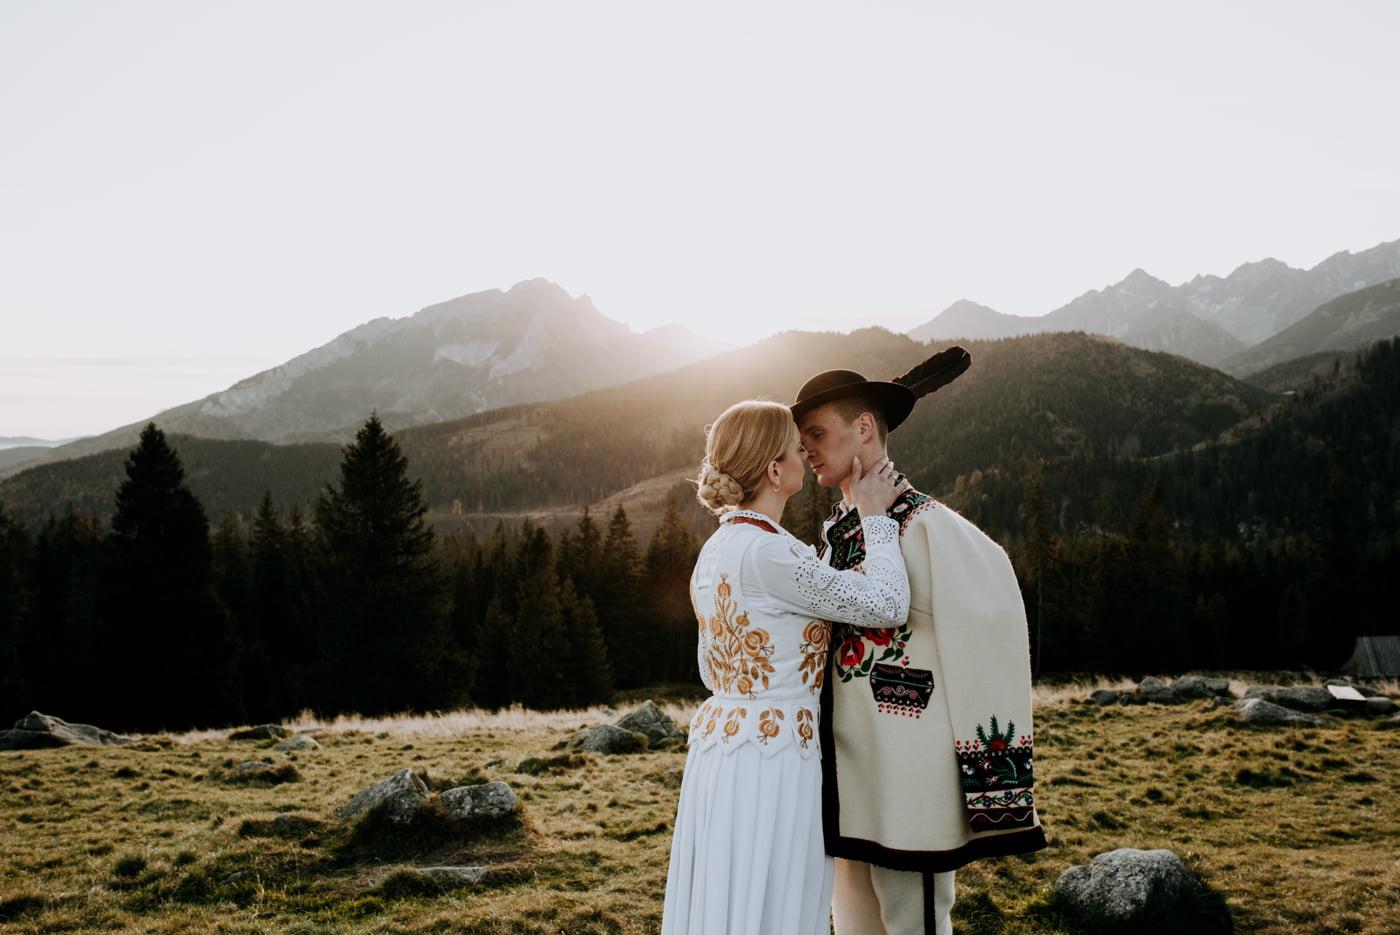 Sesja ślubna w Tatrach - Tradycyjnie 10